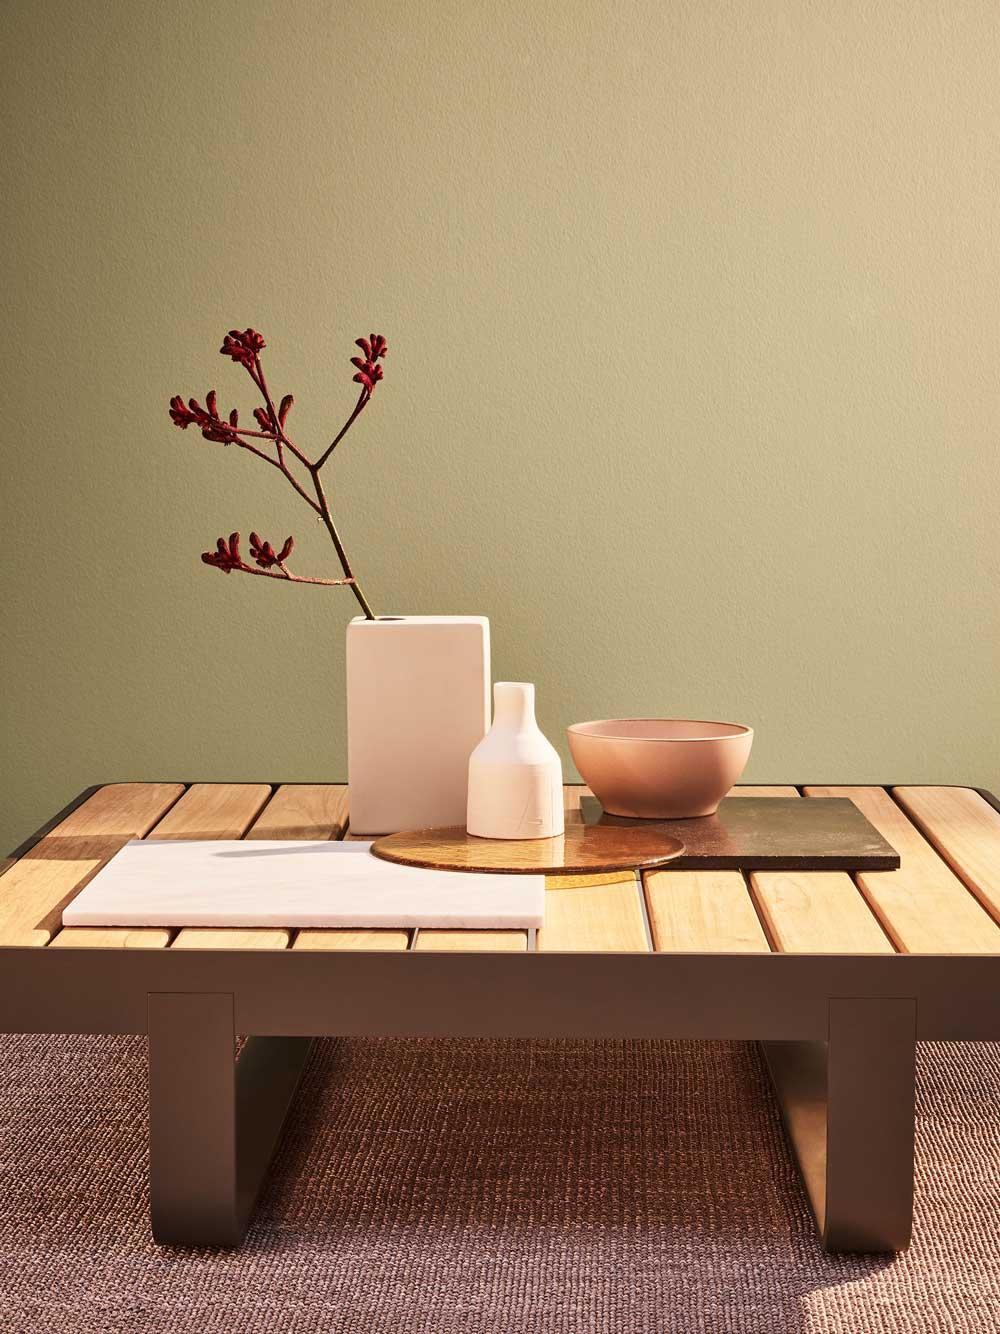 Makemake Tische - Sammlung von Tischen im Freien